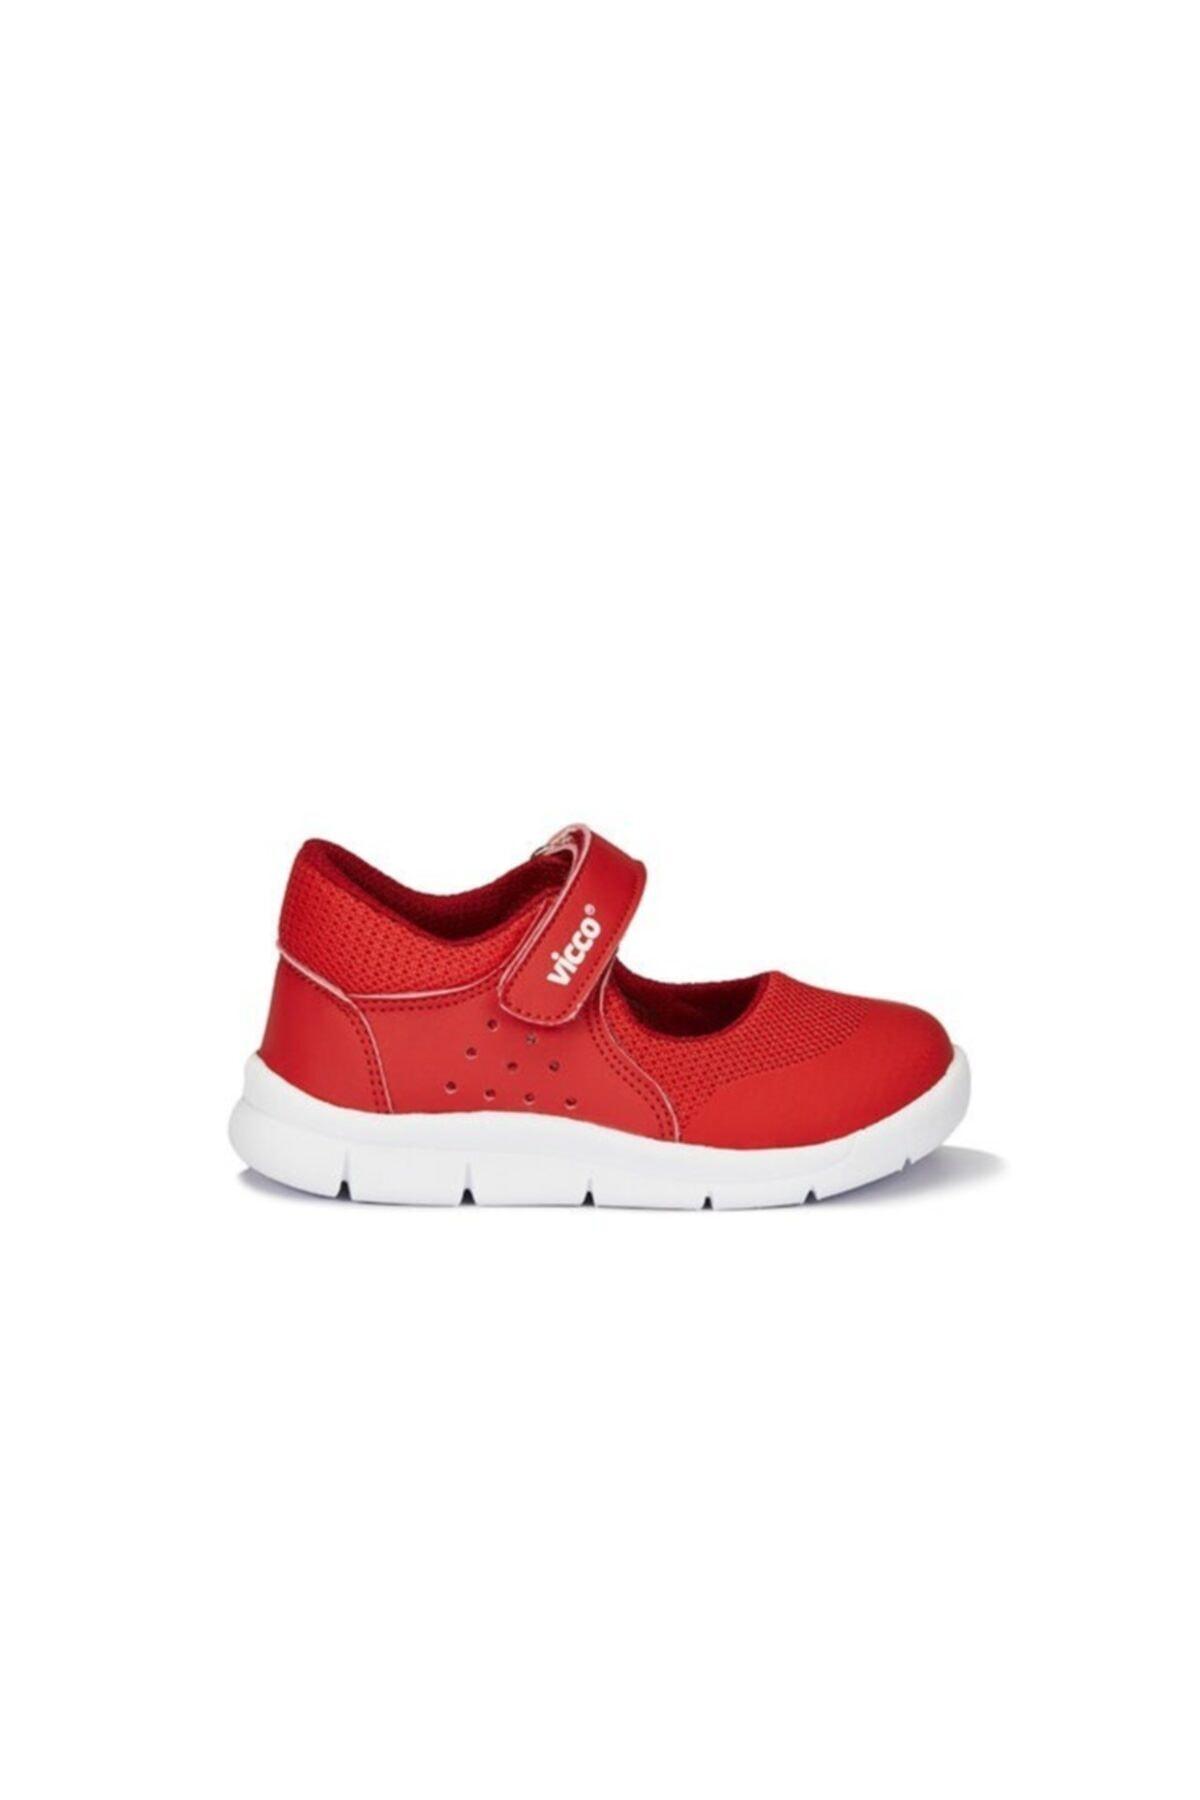 کفش تخت نوزاد دختر پارچه ارزانی برند Vicco رنگ قرمز ty85669678